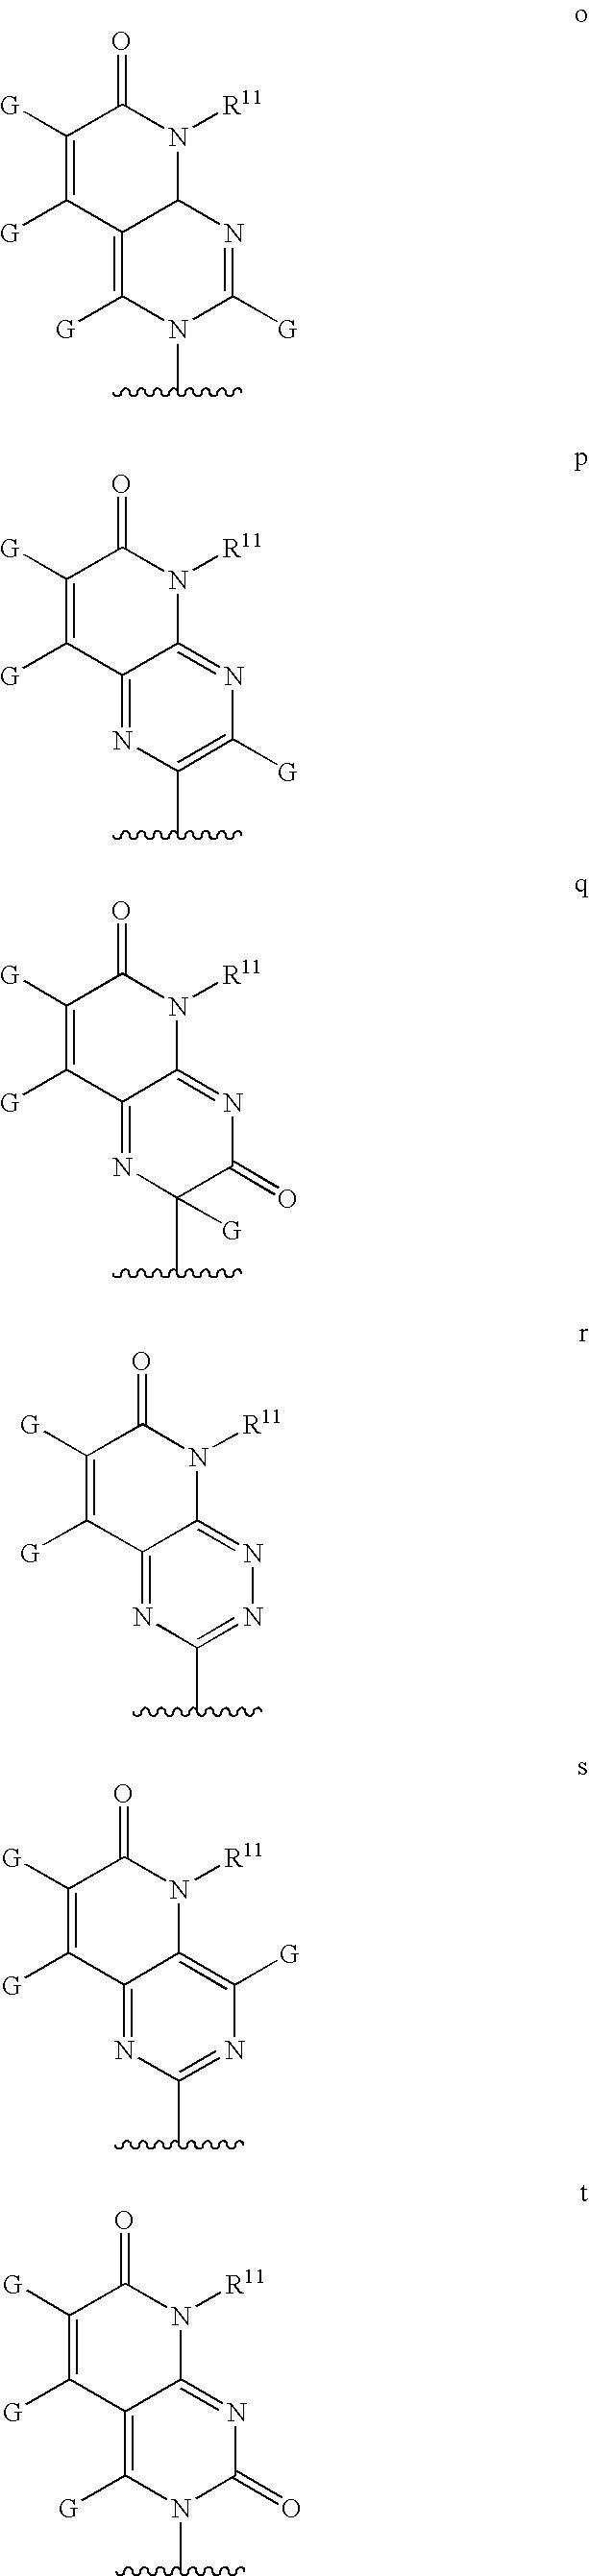 Figure US08173621-20120508-C00029